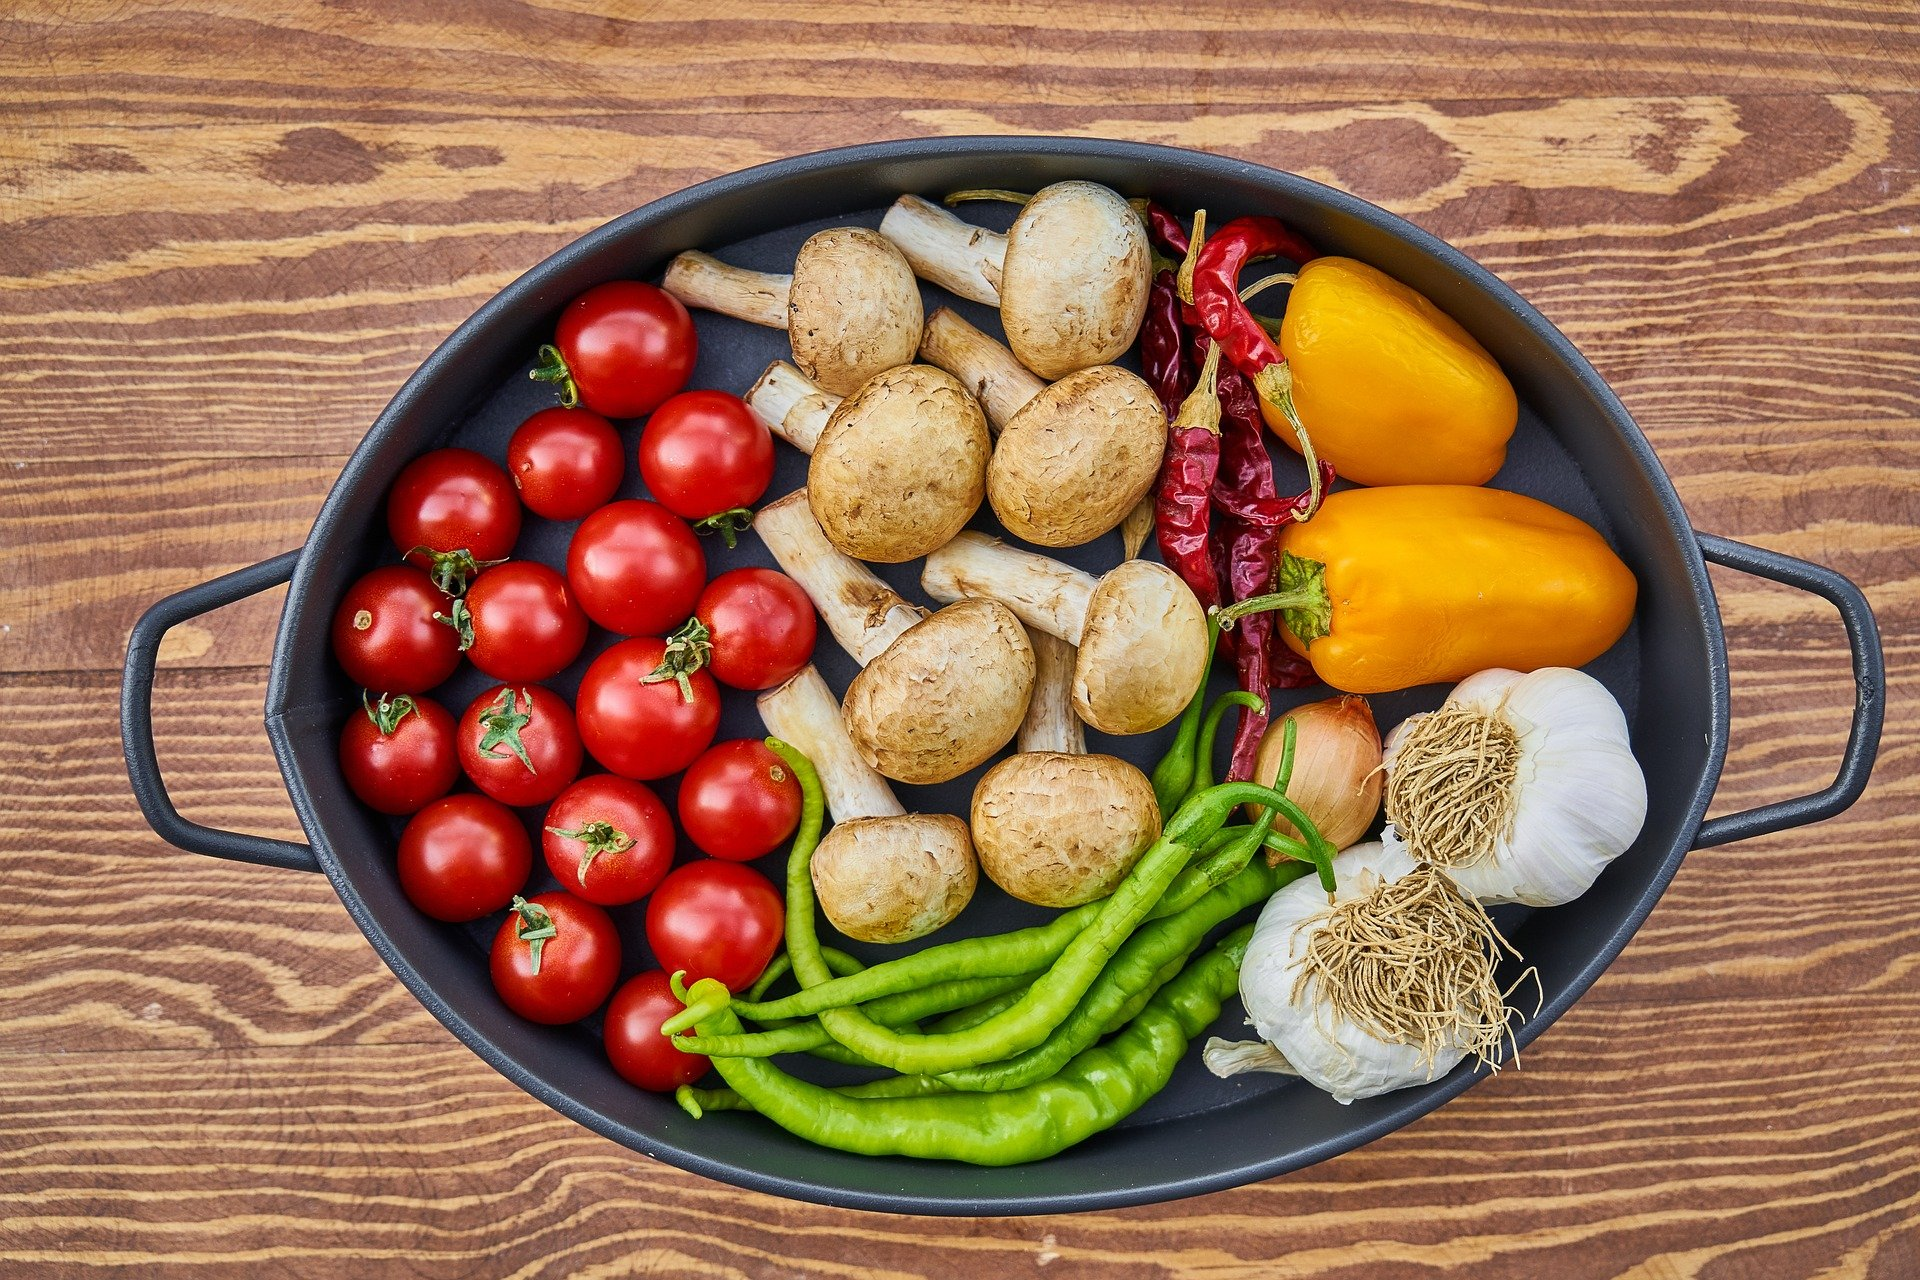 Alimentação saudável aumenta a imunidade